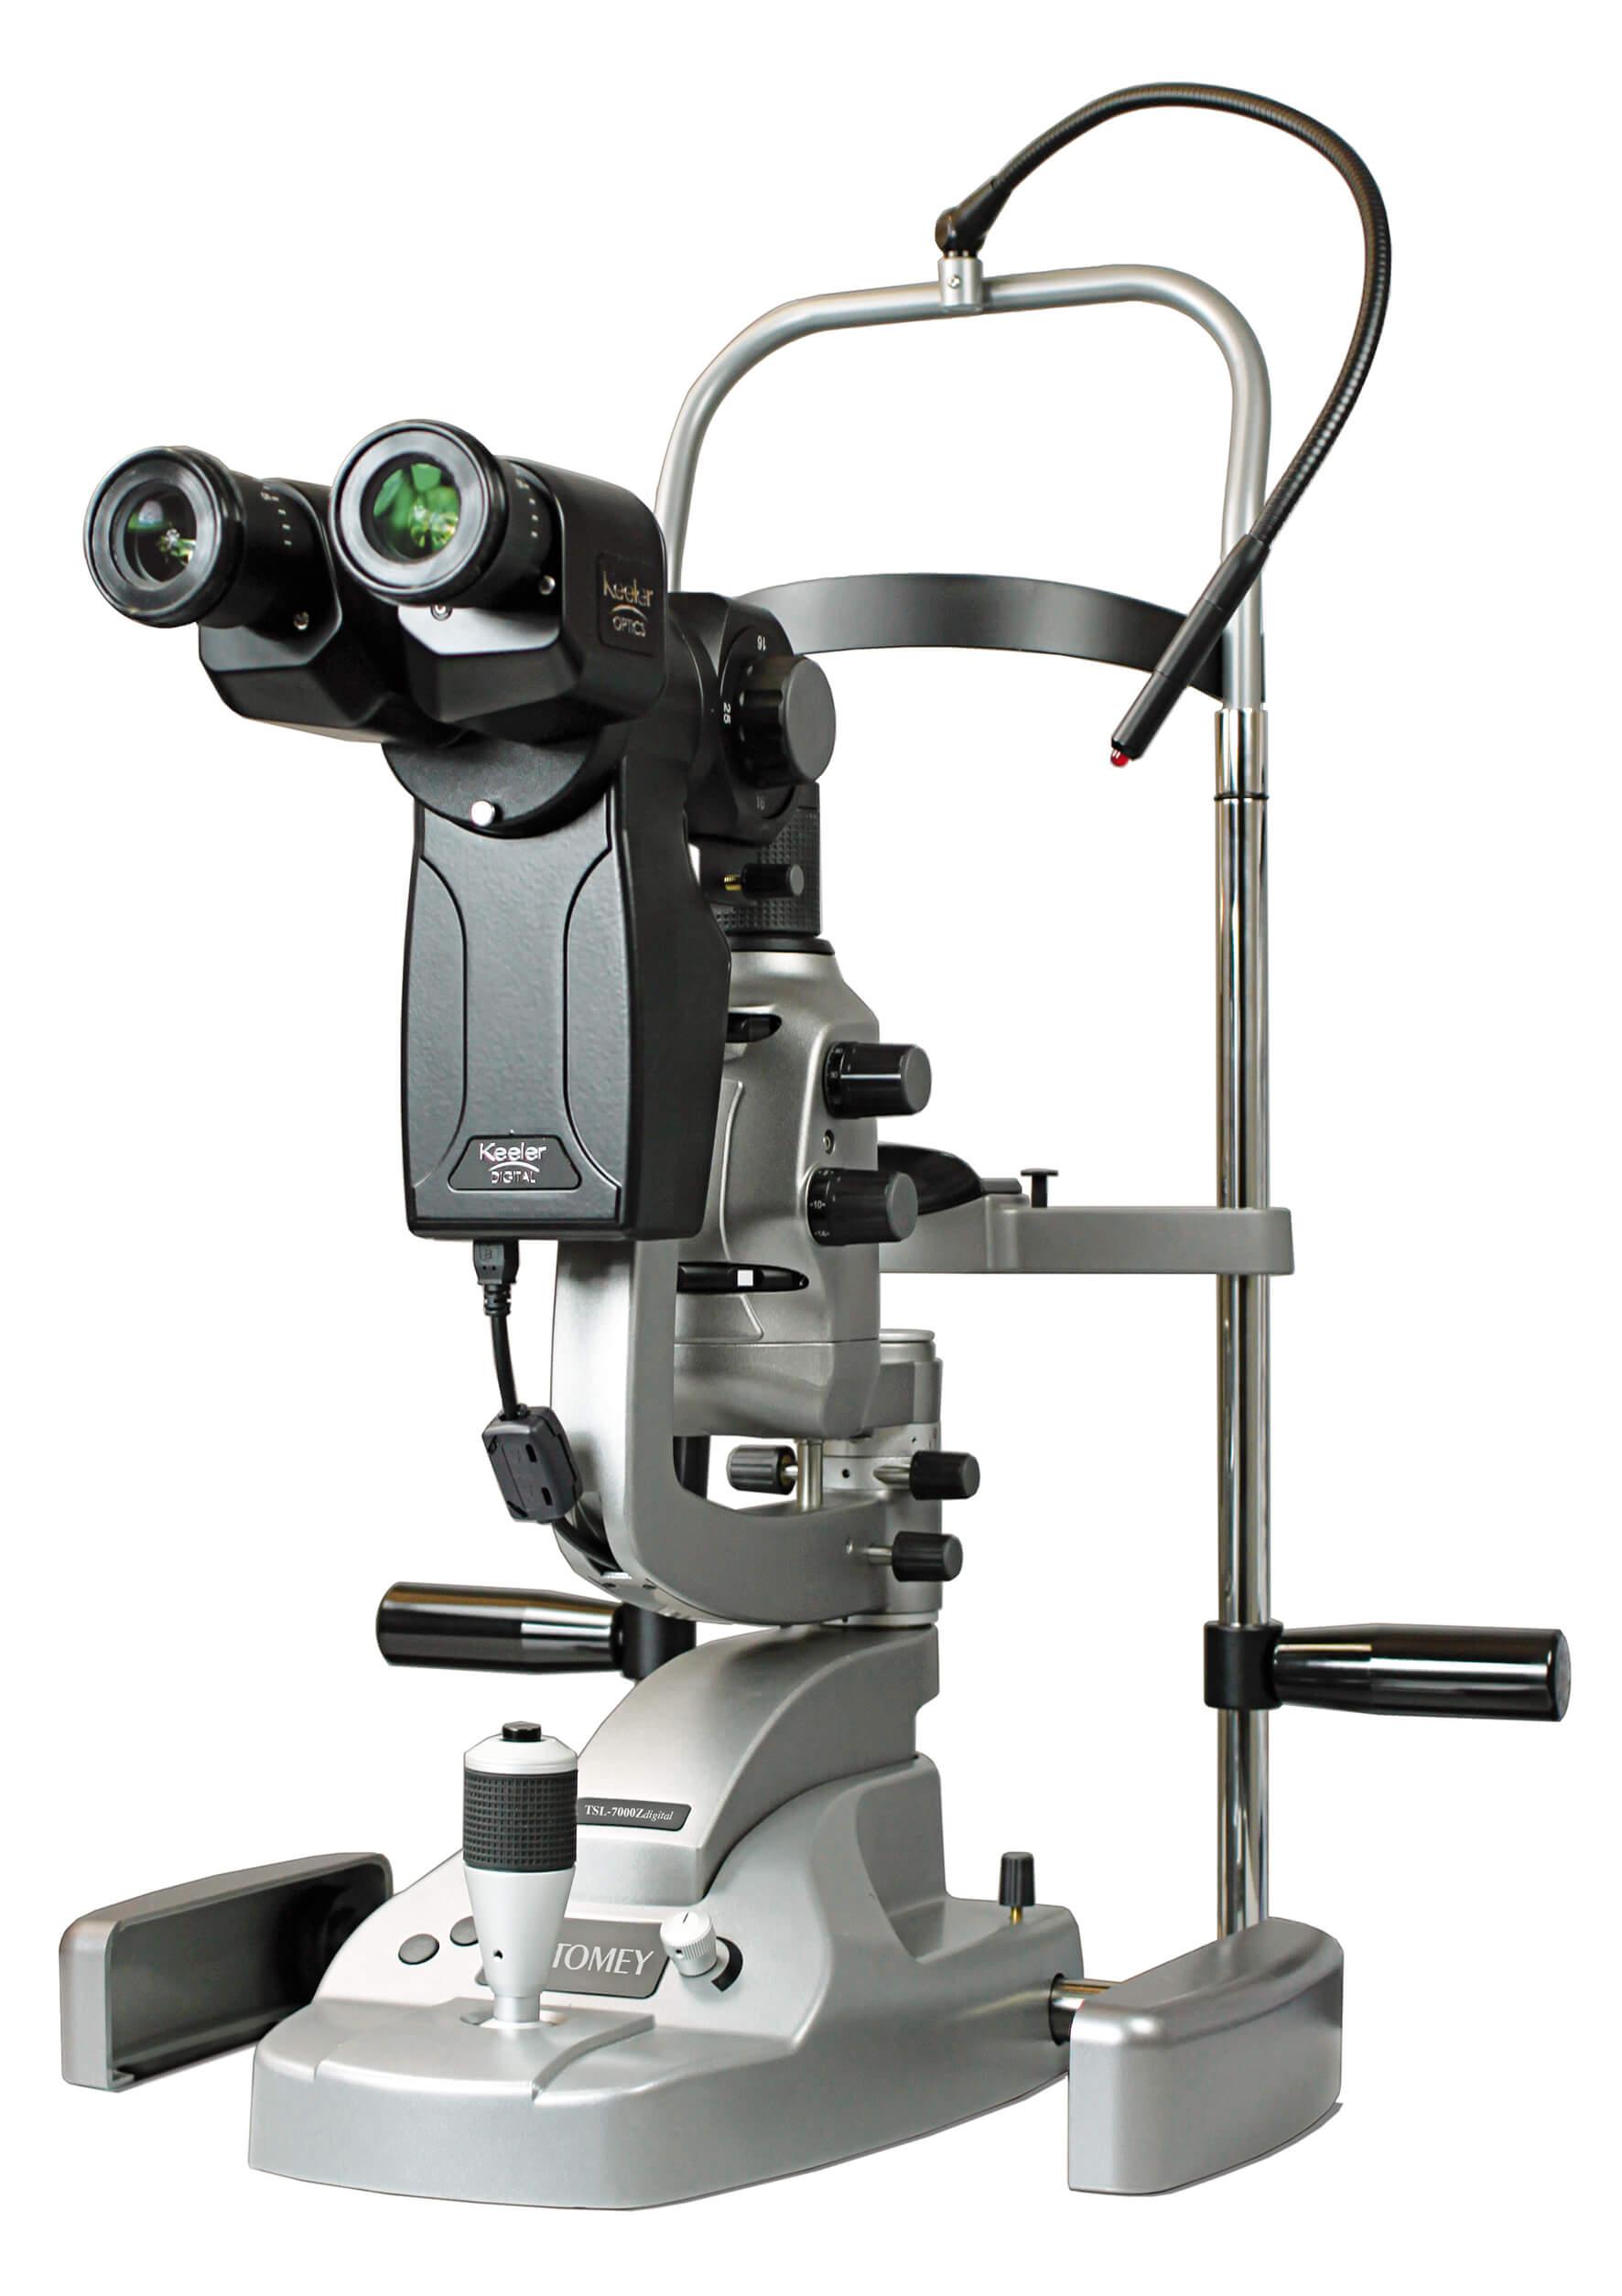 Tomey TSL-7000Z - Zeiss-tyylinen rakovalomikroskooppi